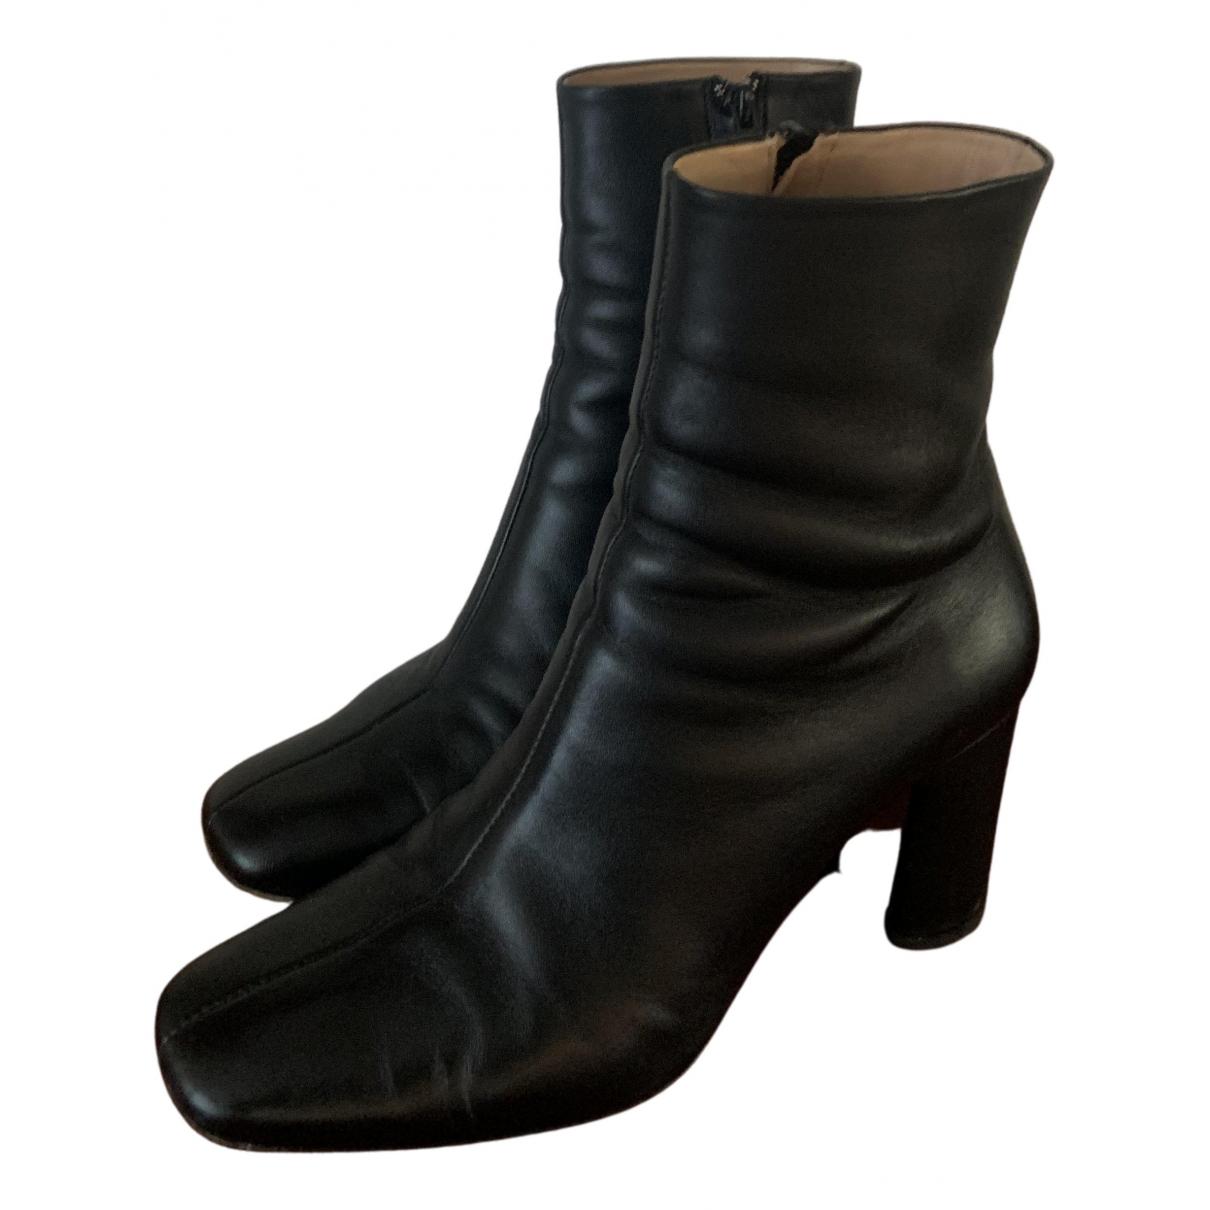 Rouje - Bottes Celeste pour femme en cuir - noir